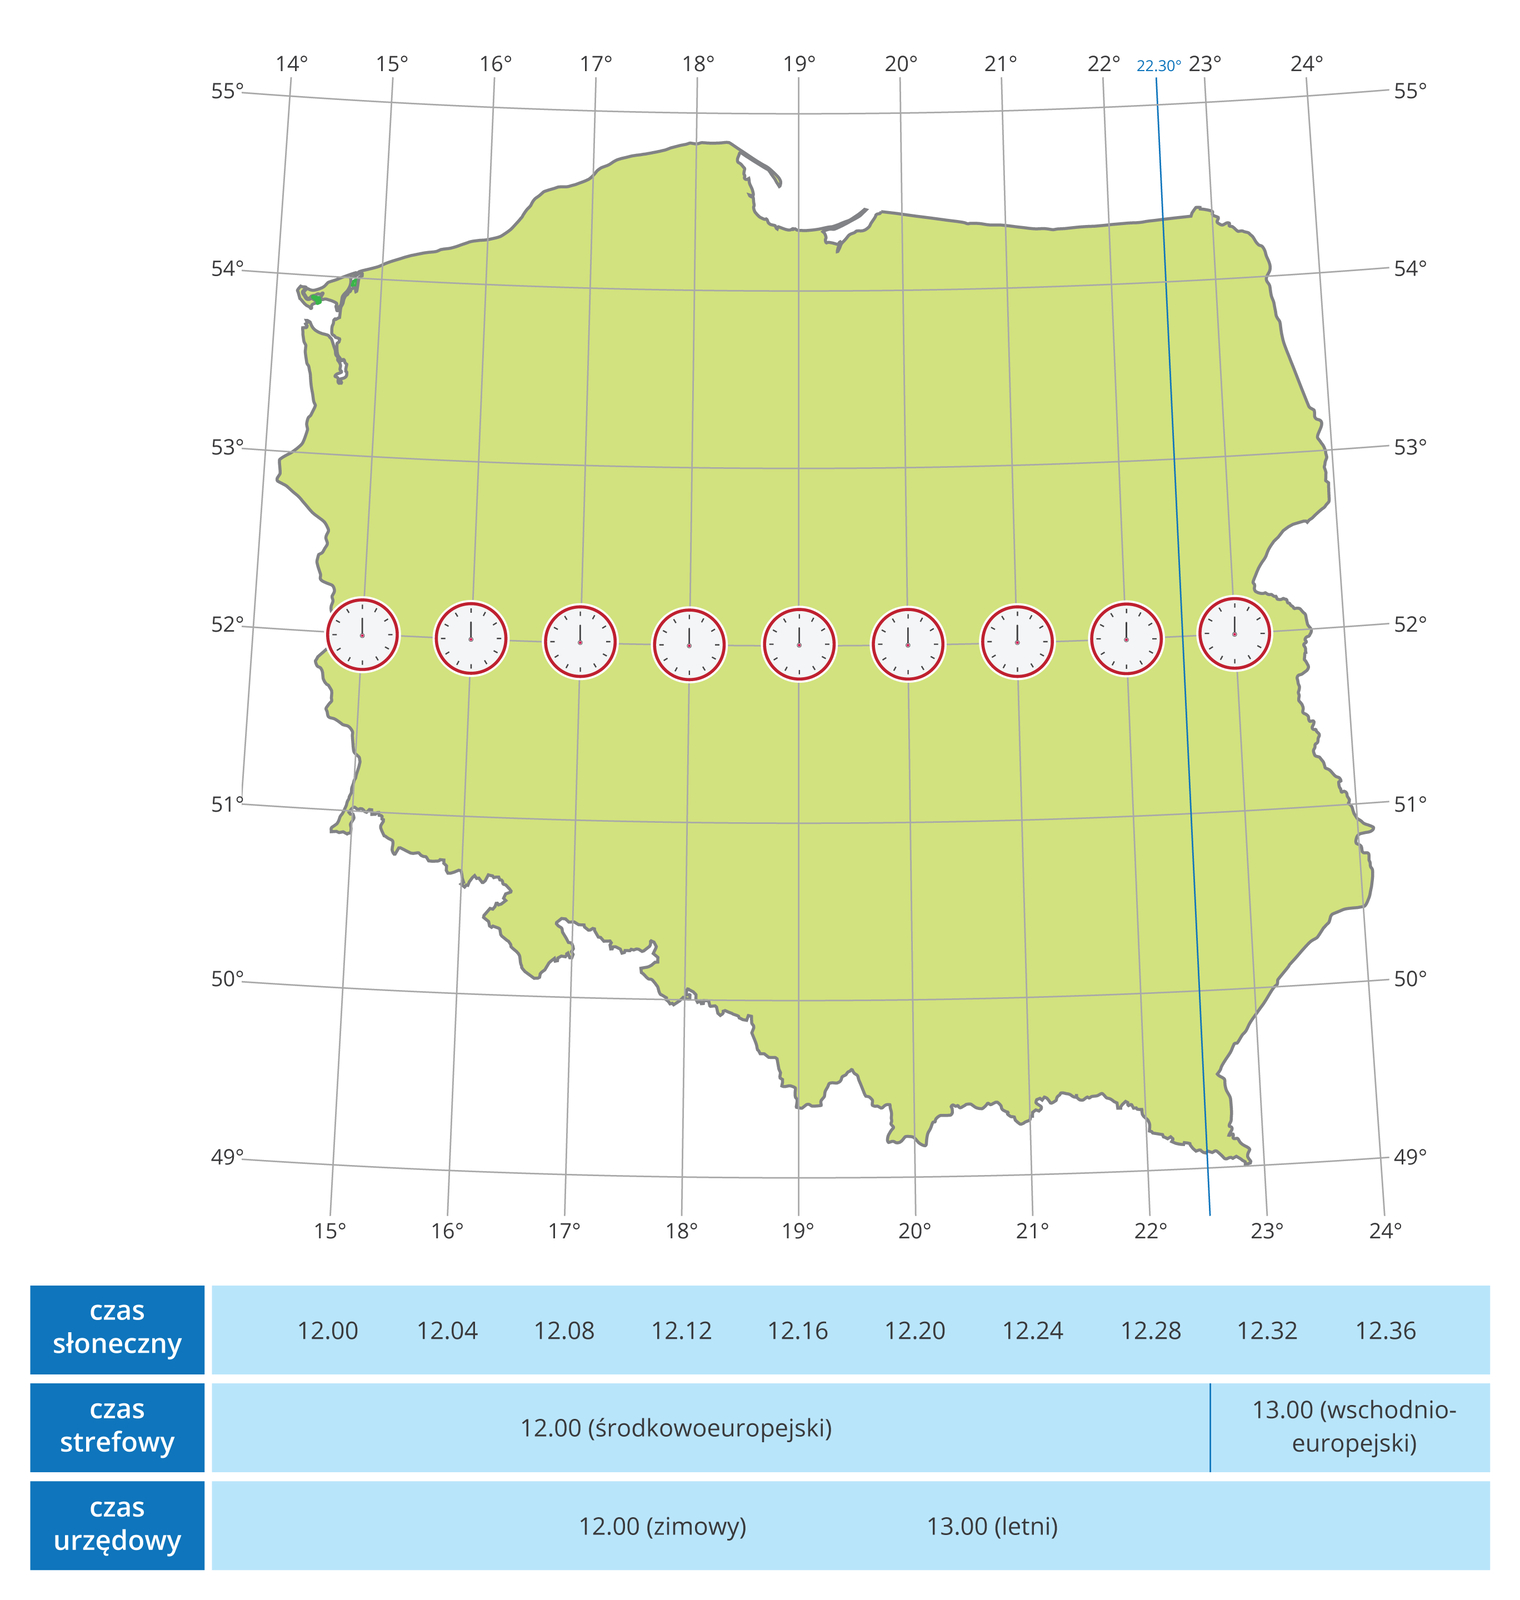 Ilustracja prezentuje mapę Polski znaniesioną siatką współrzędnych geograficznych. Pod ilustracją umieszczono tabelkę zopisem czasu słonecznego. Na pierwszym zegarze na zachodzie jest godzina 12.00. ana ostatnim na wschodzie jest 13.36. Polska leży wstrefie czasu środkowoeuropejskiego.